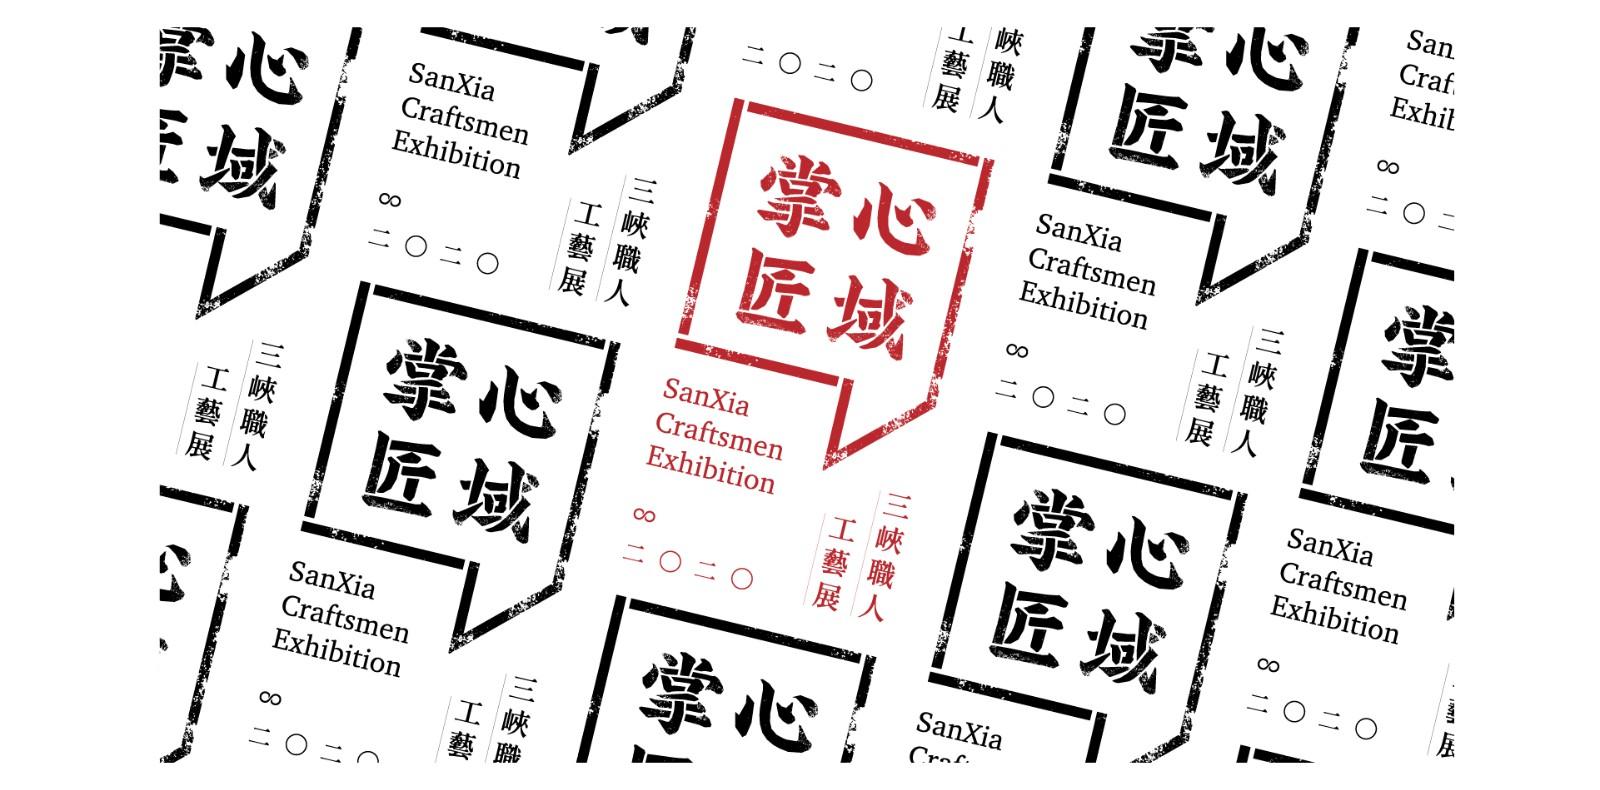 展覽設計 策展規劃-掌心匠域 | 甘樂文創 | 甘之如飴,樂在其中